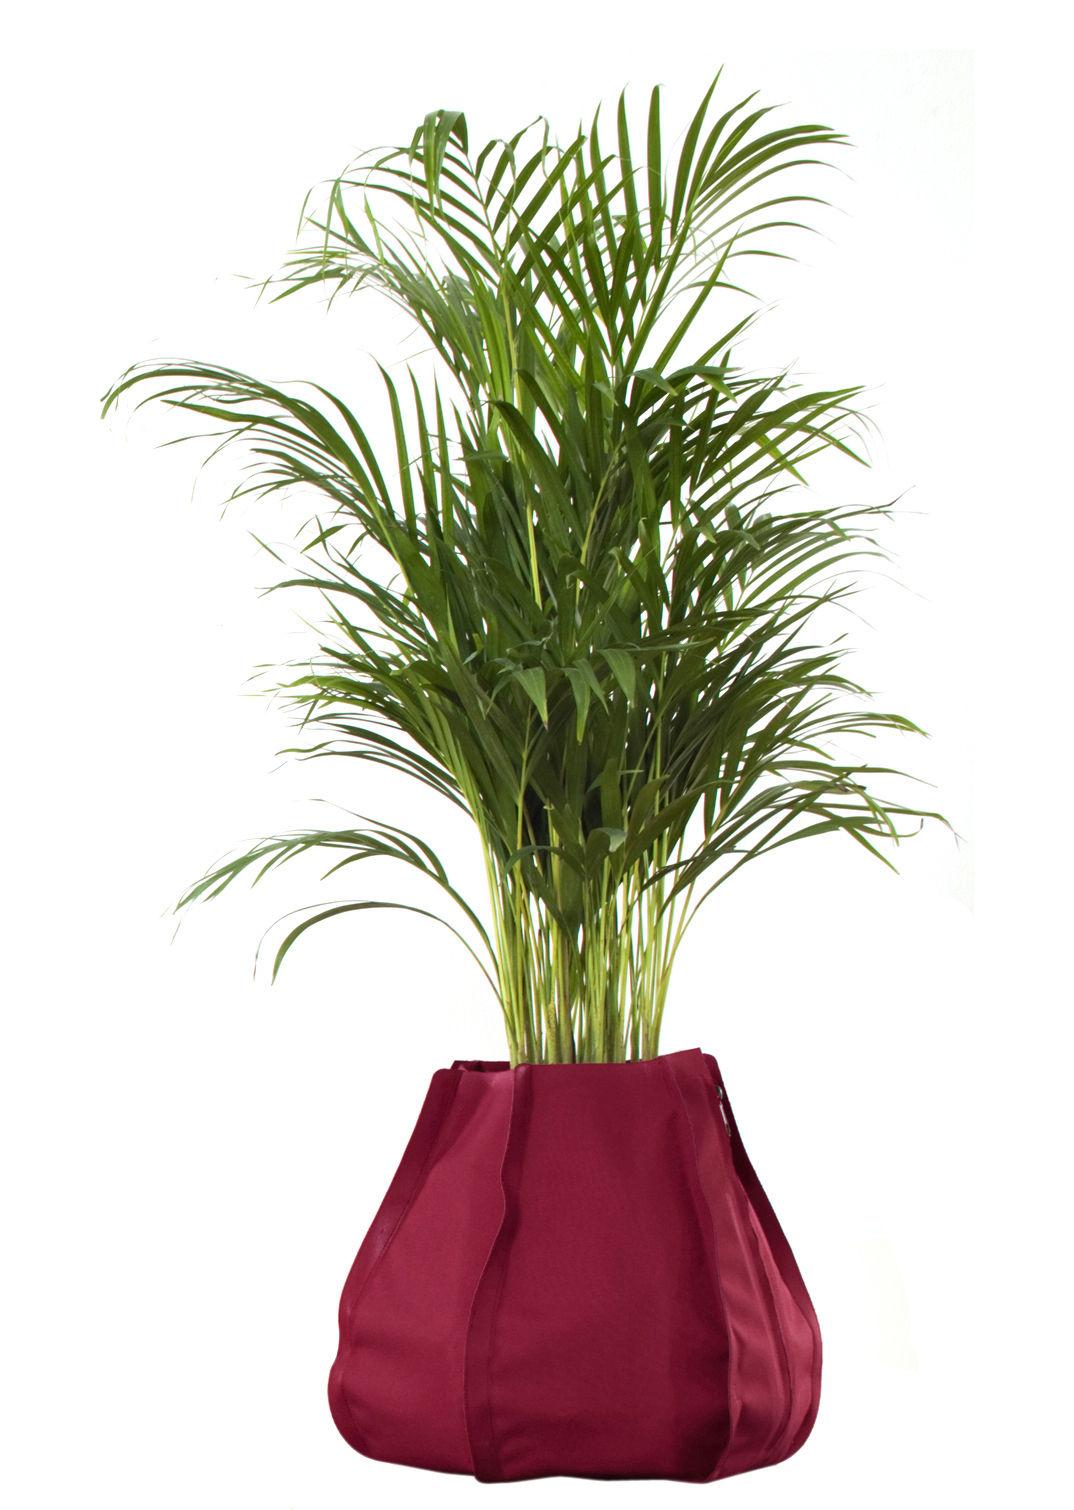 Jardin - Pots et plantes - Pot de fleurs Urban Garden Sack / Large - 45 litres - Authentics - Bordeaux - Tissu polyester